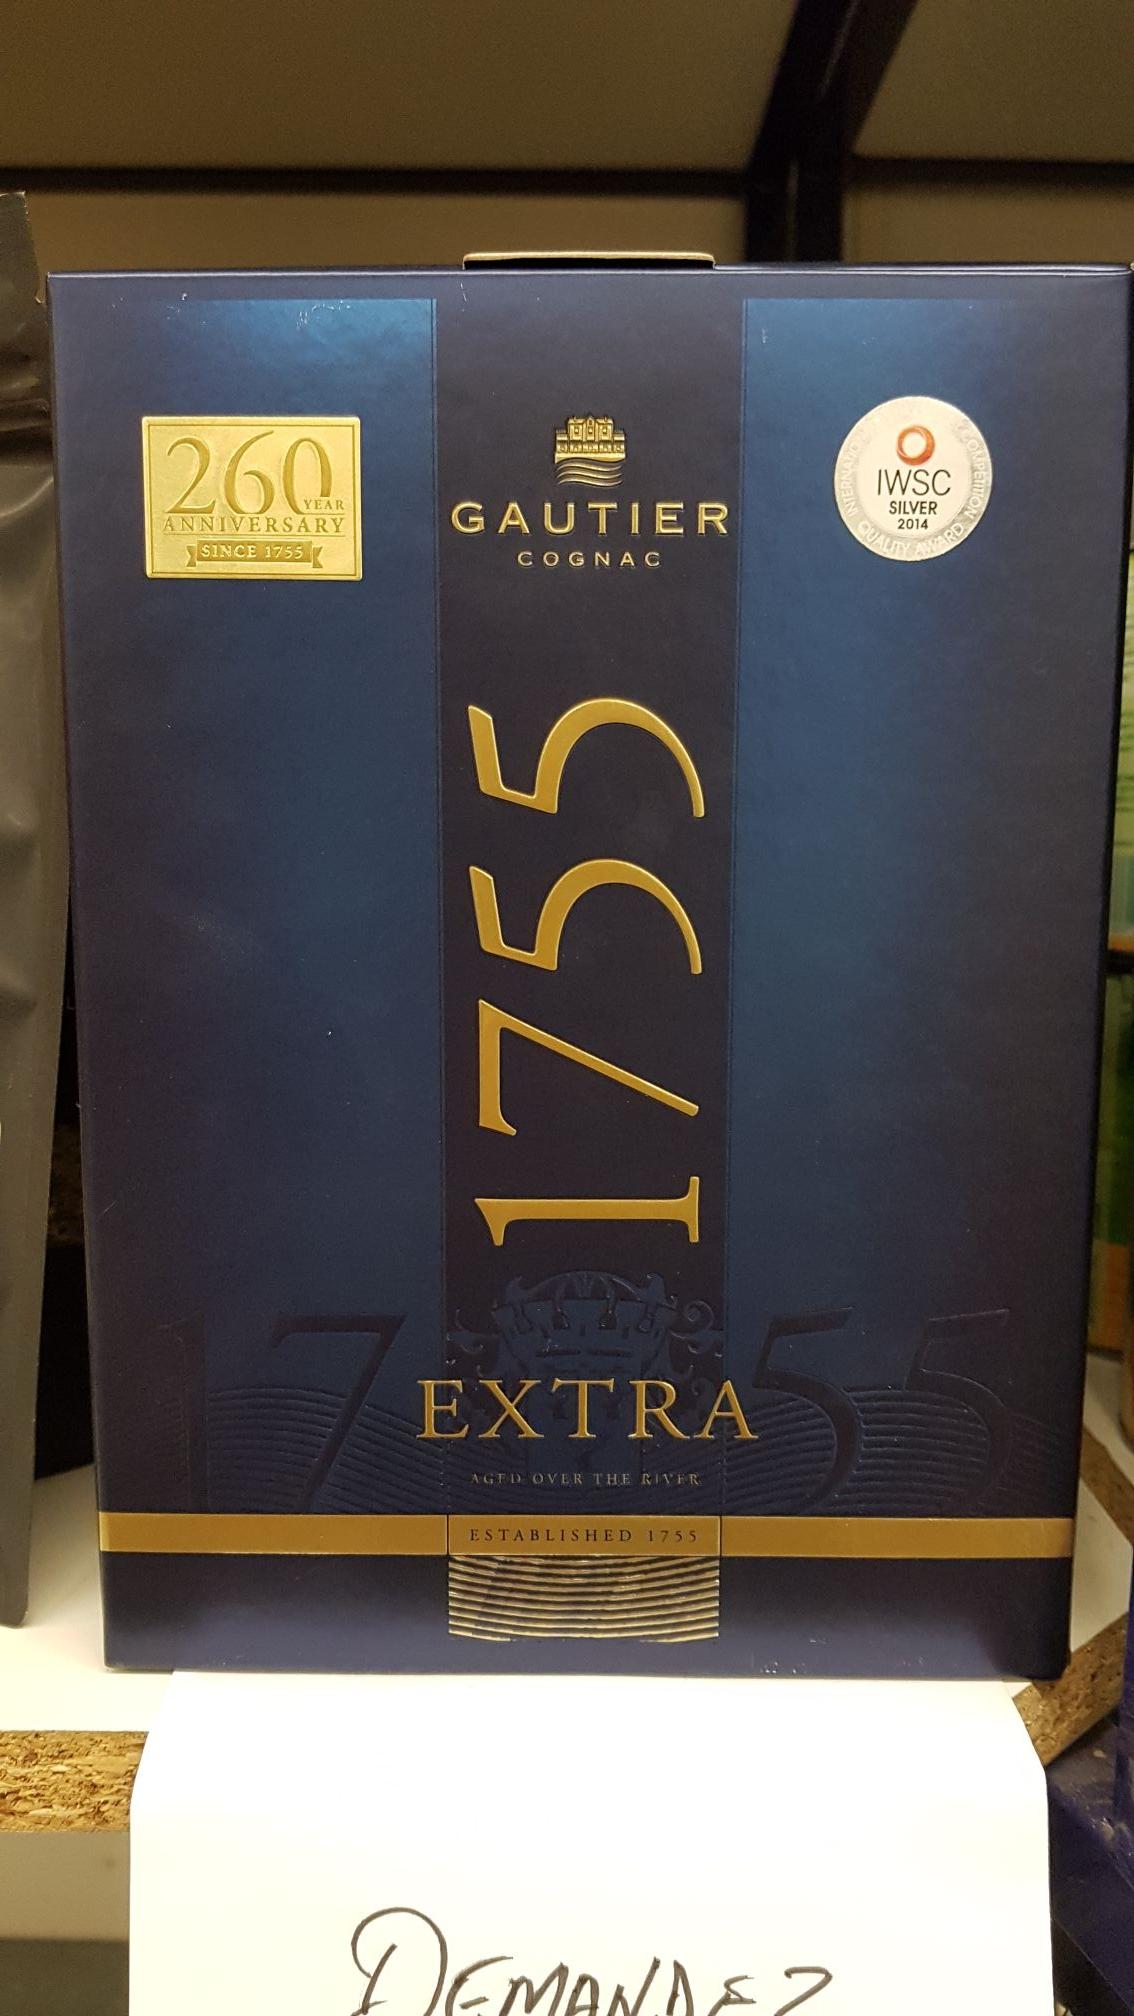 Bouteille de cognac Gautier Extra 1755 - 70 cl - Beaupréau (49), Nieppe (59)